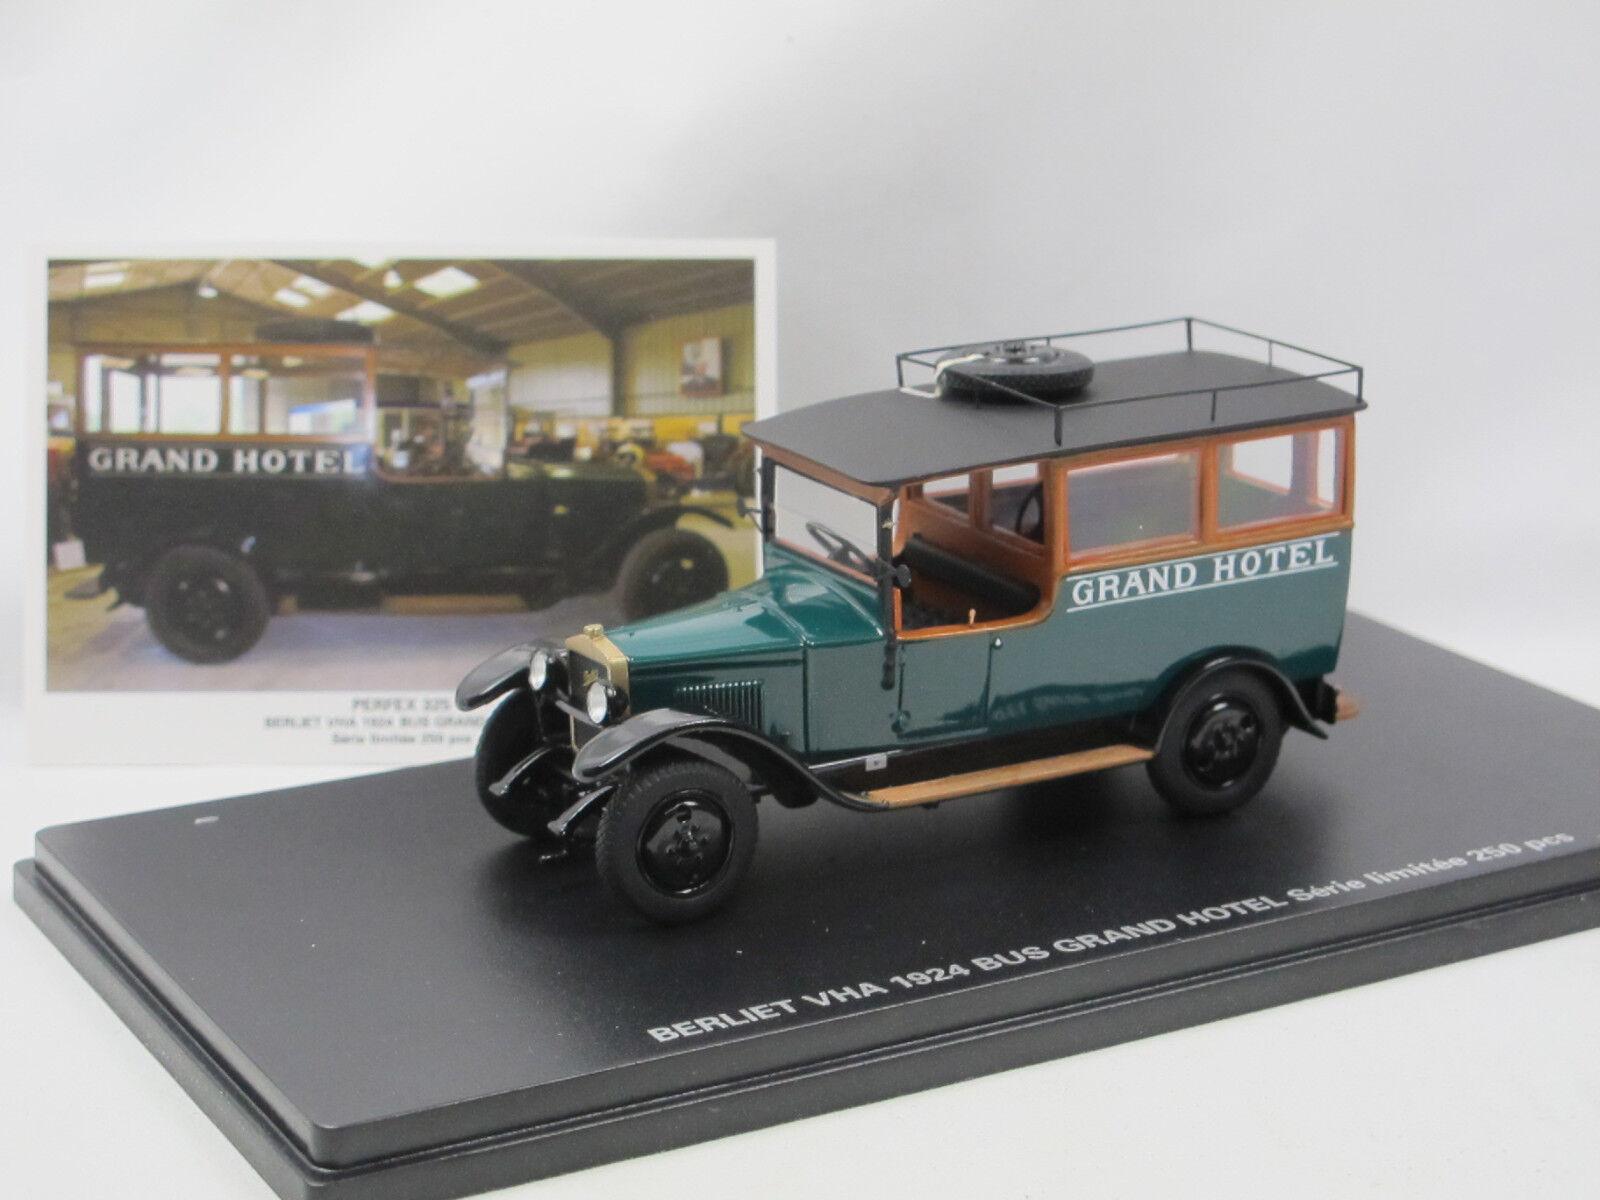 prodotti creativi PERFEX 325 - 1924 Berliet VHA autobus Gre Gre Gre Calienteel-calienteelautobus - 1 43 Limited edizione  all'ingrosso economico e di alta qualità